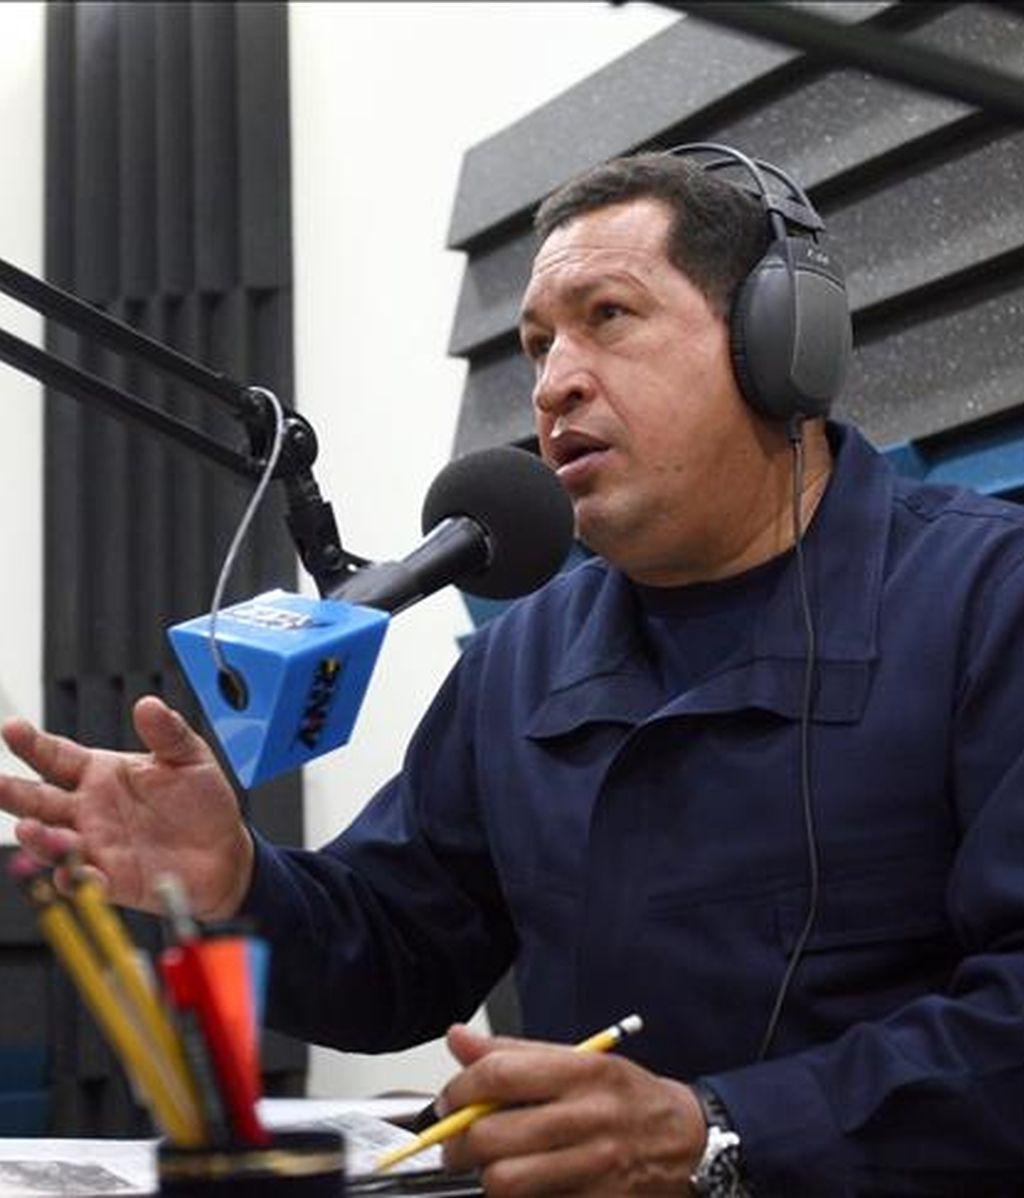 """Fotografía de archivo del presidente venezolano Hugo Chávez tomada el 8 de febrero de 2010 en Caracas (Venezuela) durante su participación en el programa """"De repente con Chávez"""". EFE/Prensa Miraflores/Archivo"""